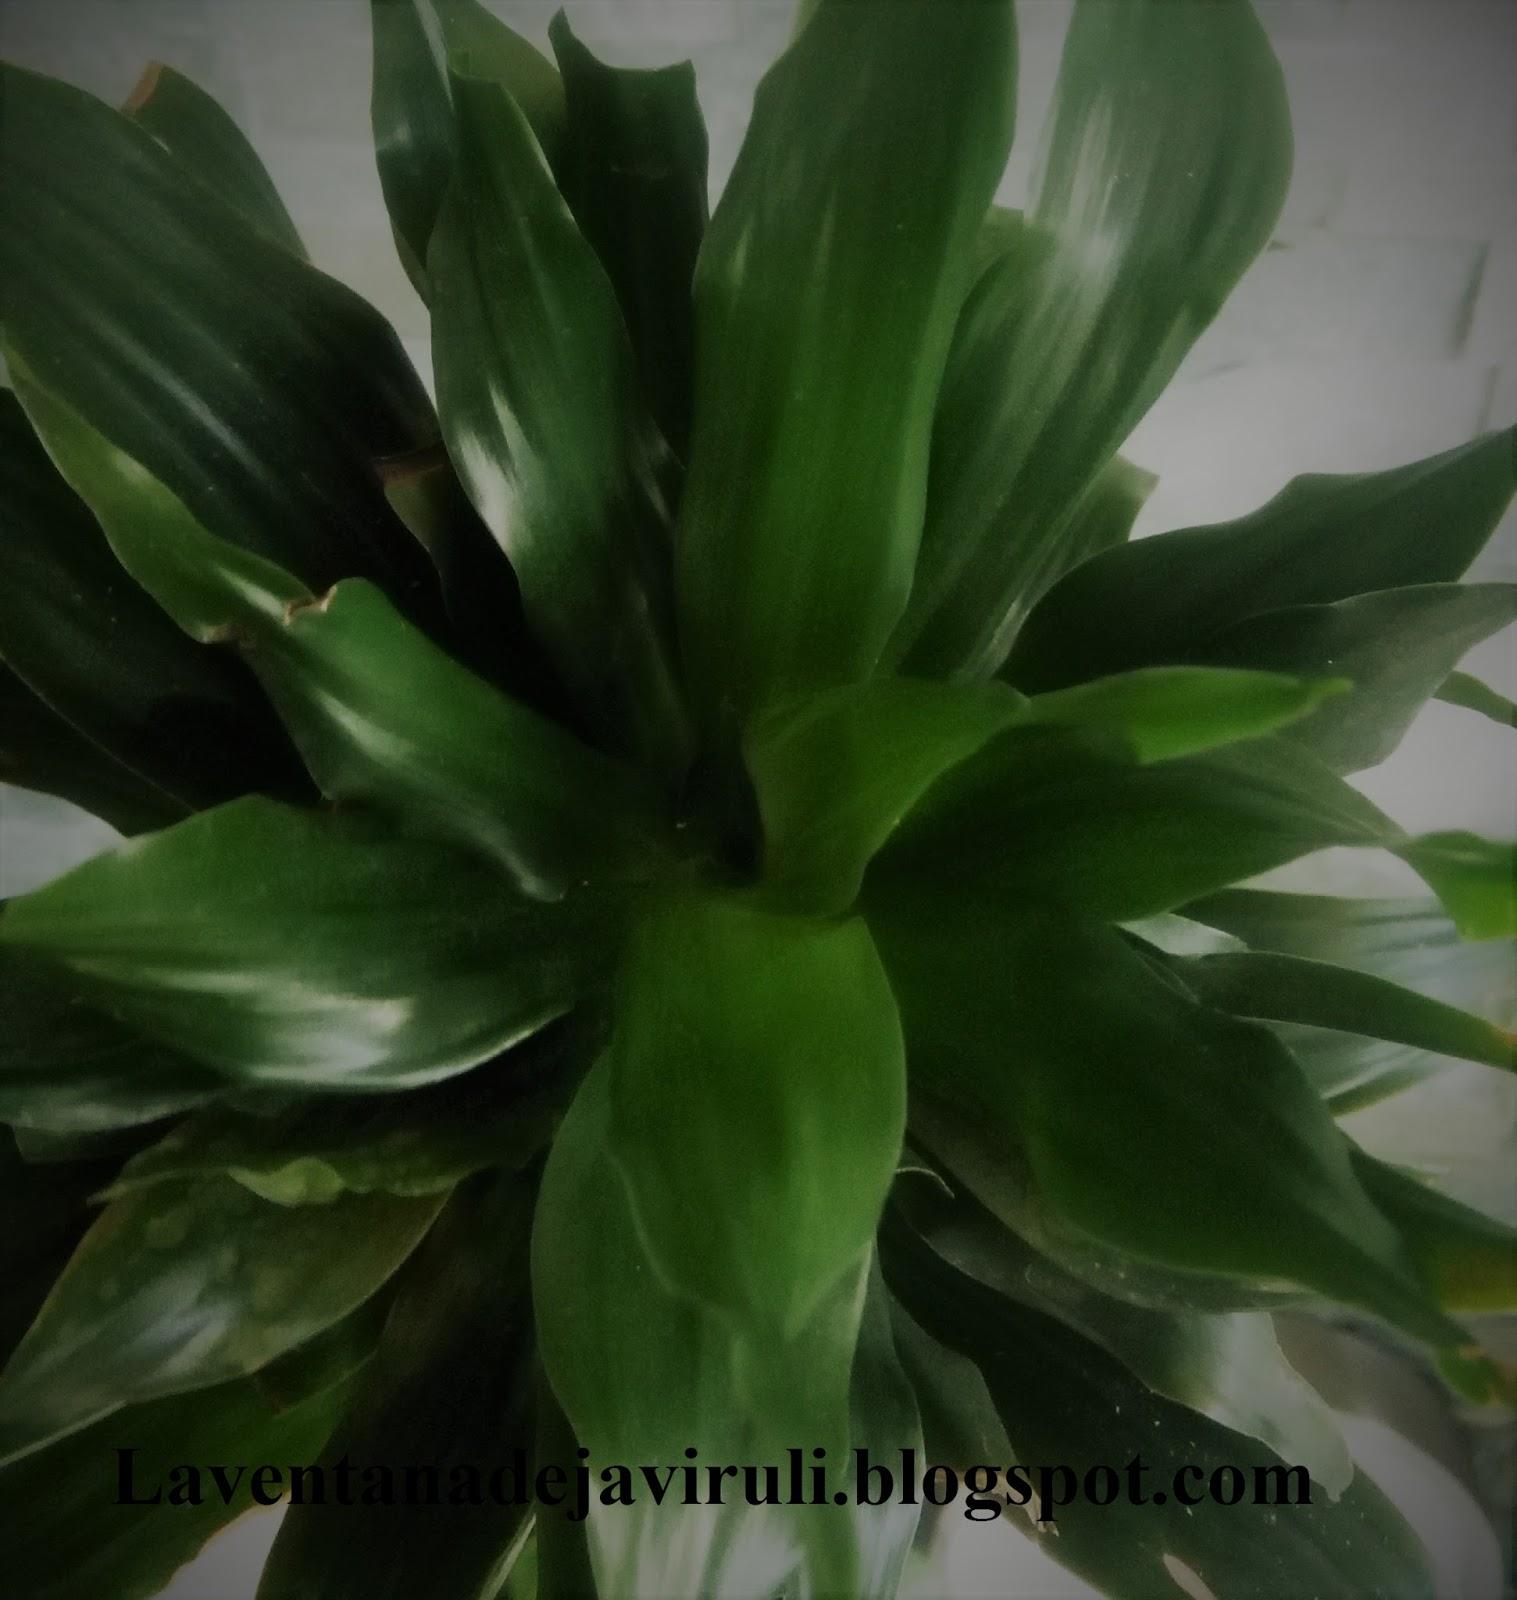 la ventana de javiruli plantas de interior 53 dracena